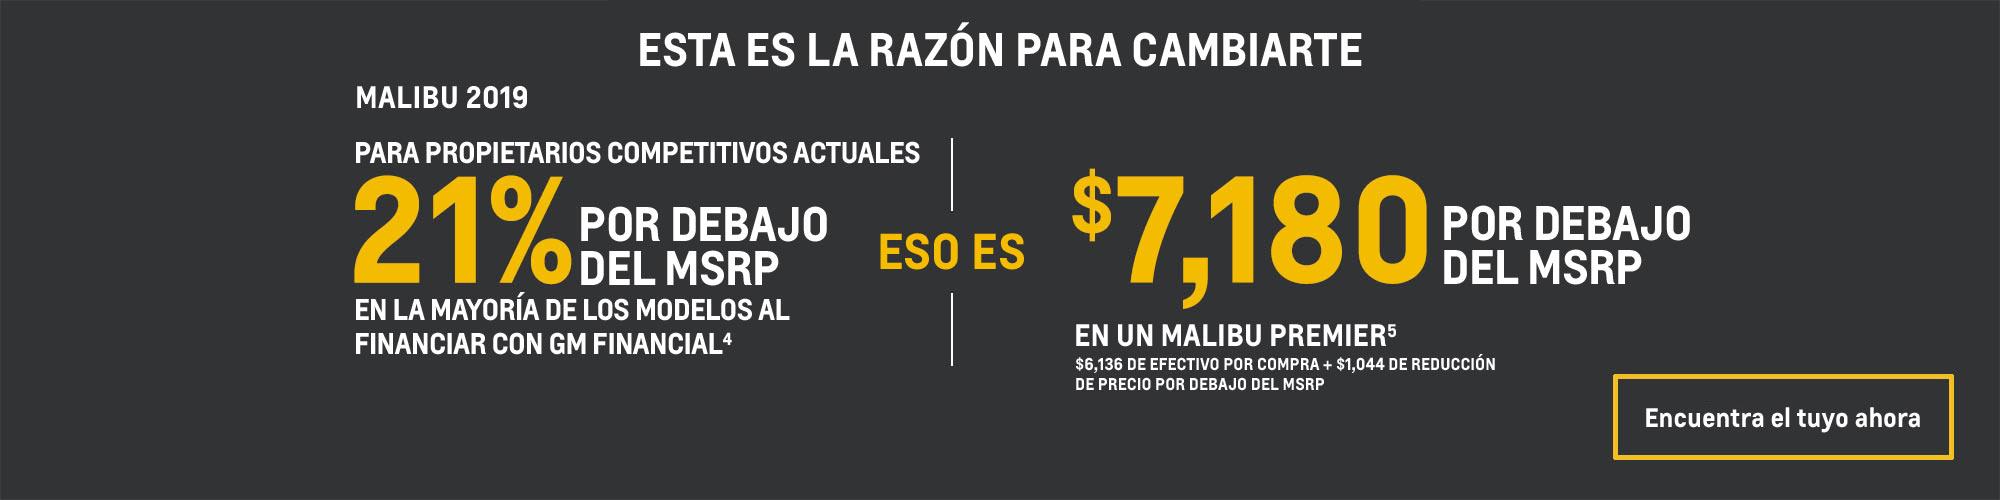 Chevrolet Malibu 2019: 21% por debajo del MSRP